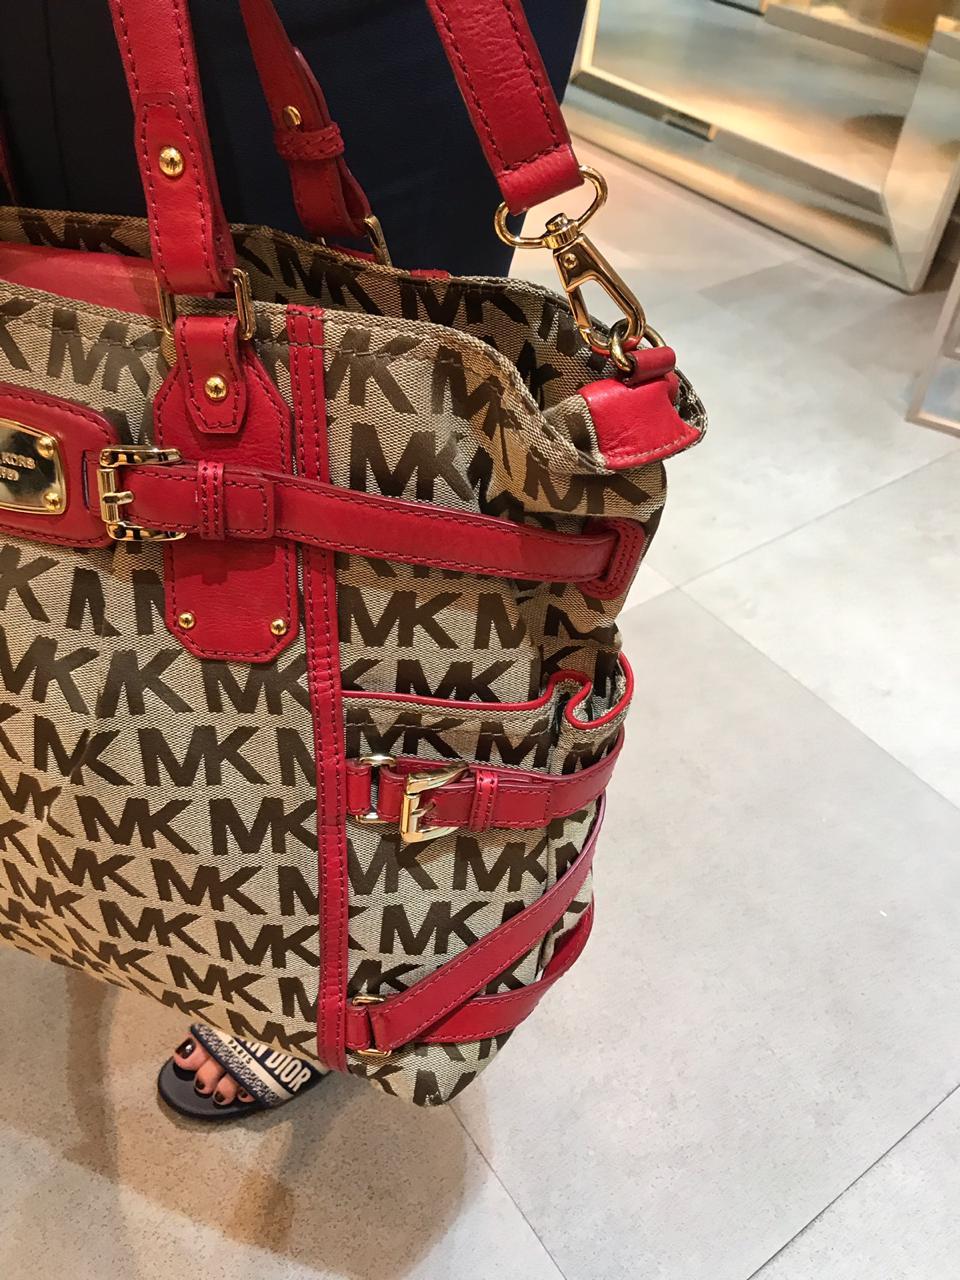 Bolsa Michael Kors Monograma com Alças Vermelhas.